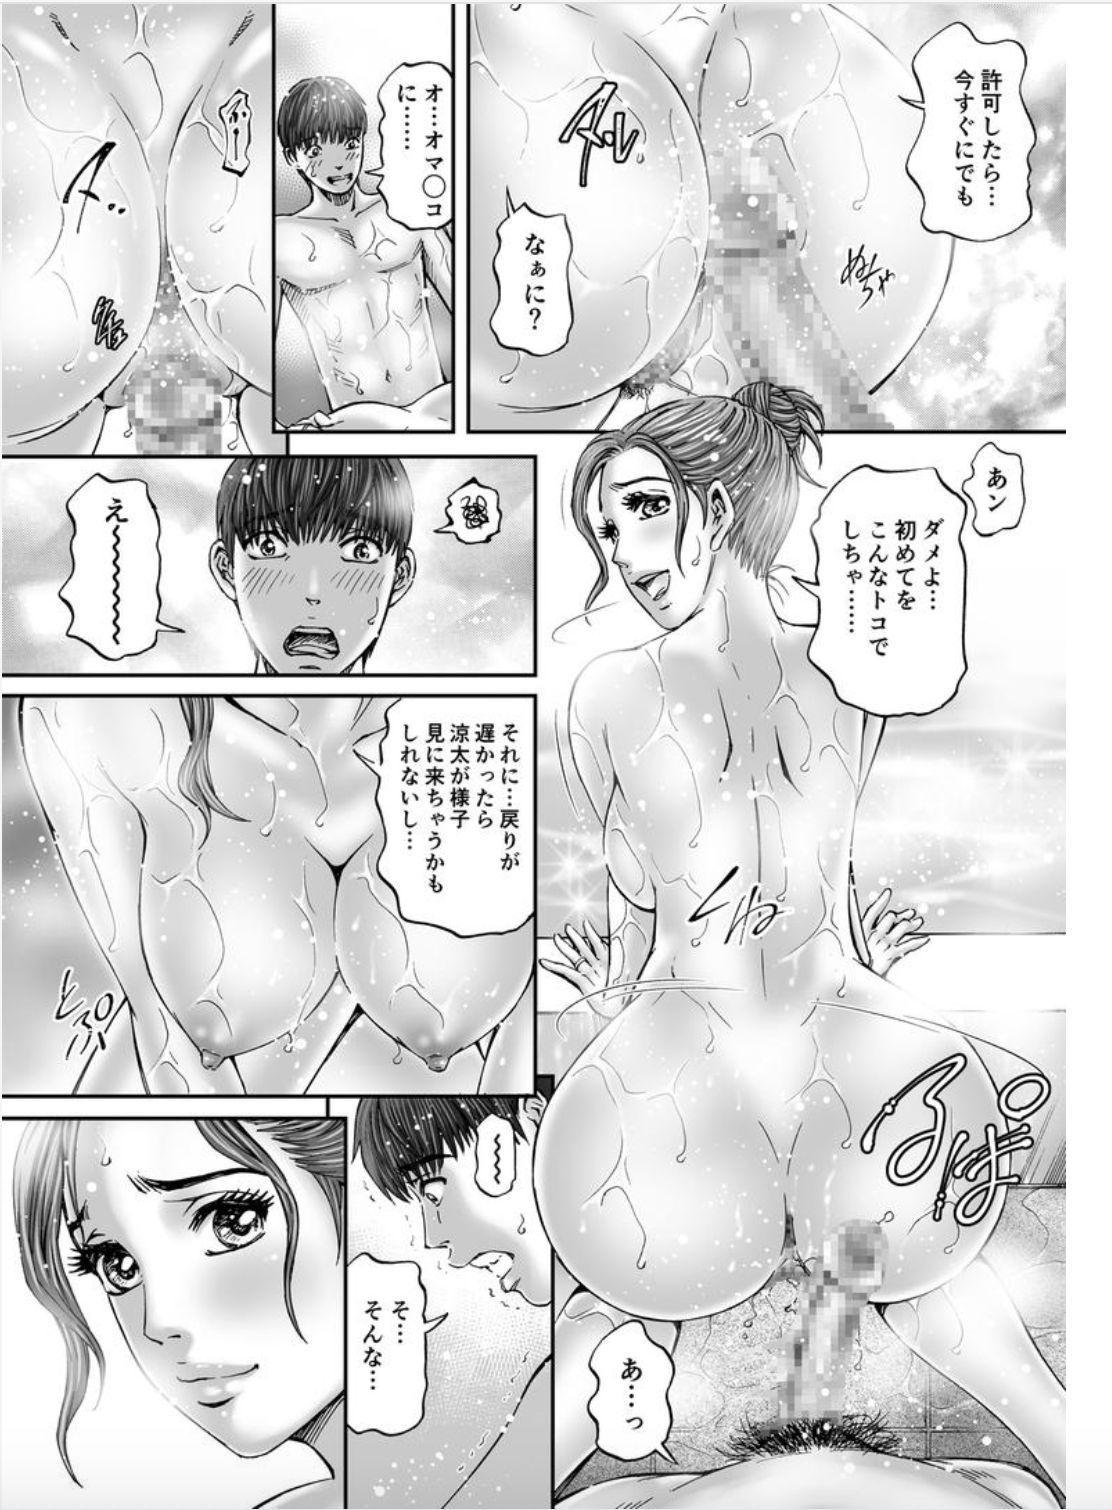 Seisyoku Dance Hitodzuma no chitsueki ni mamirete 1-2 30